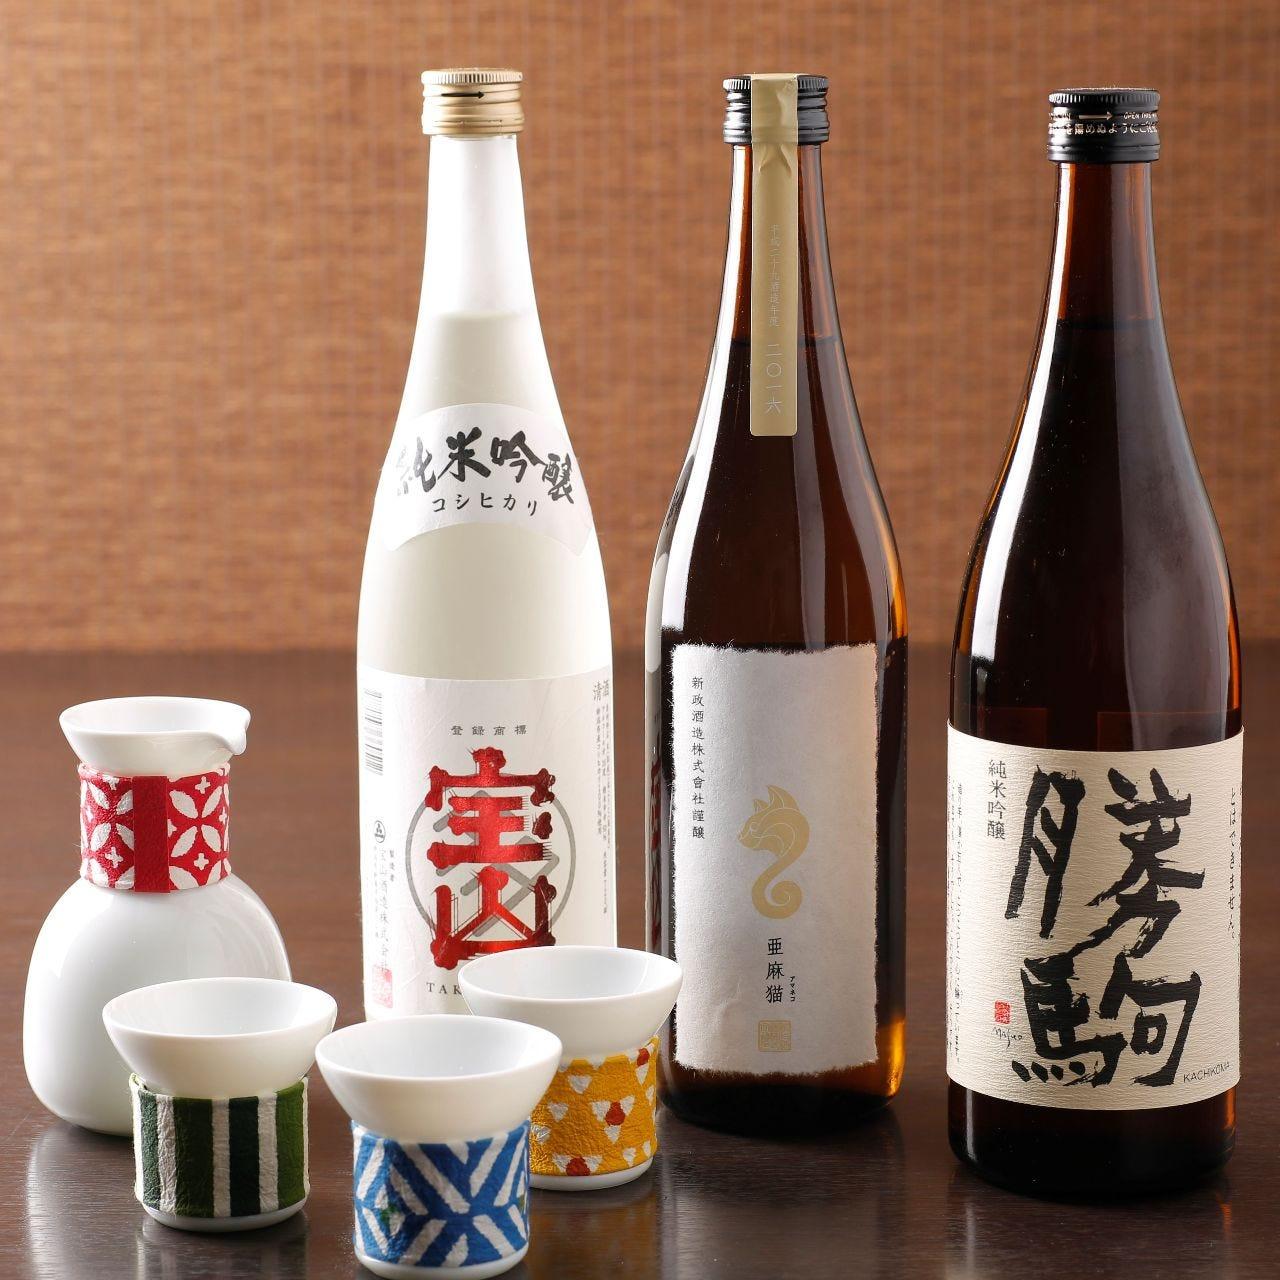 神楽坂で美味しい日本酒を 新しい日本酒との出会いを